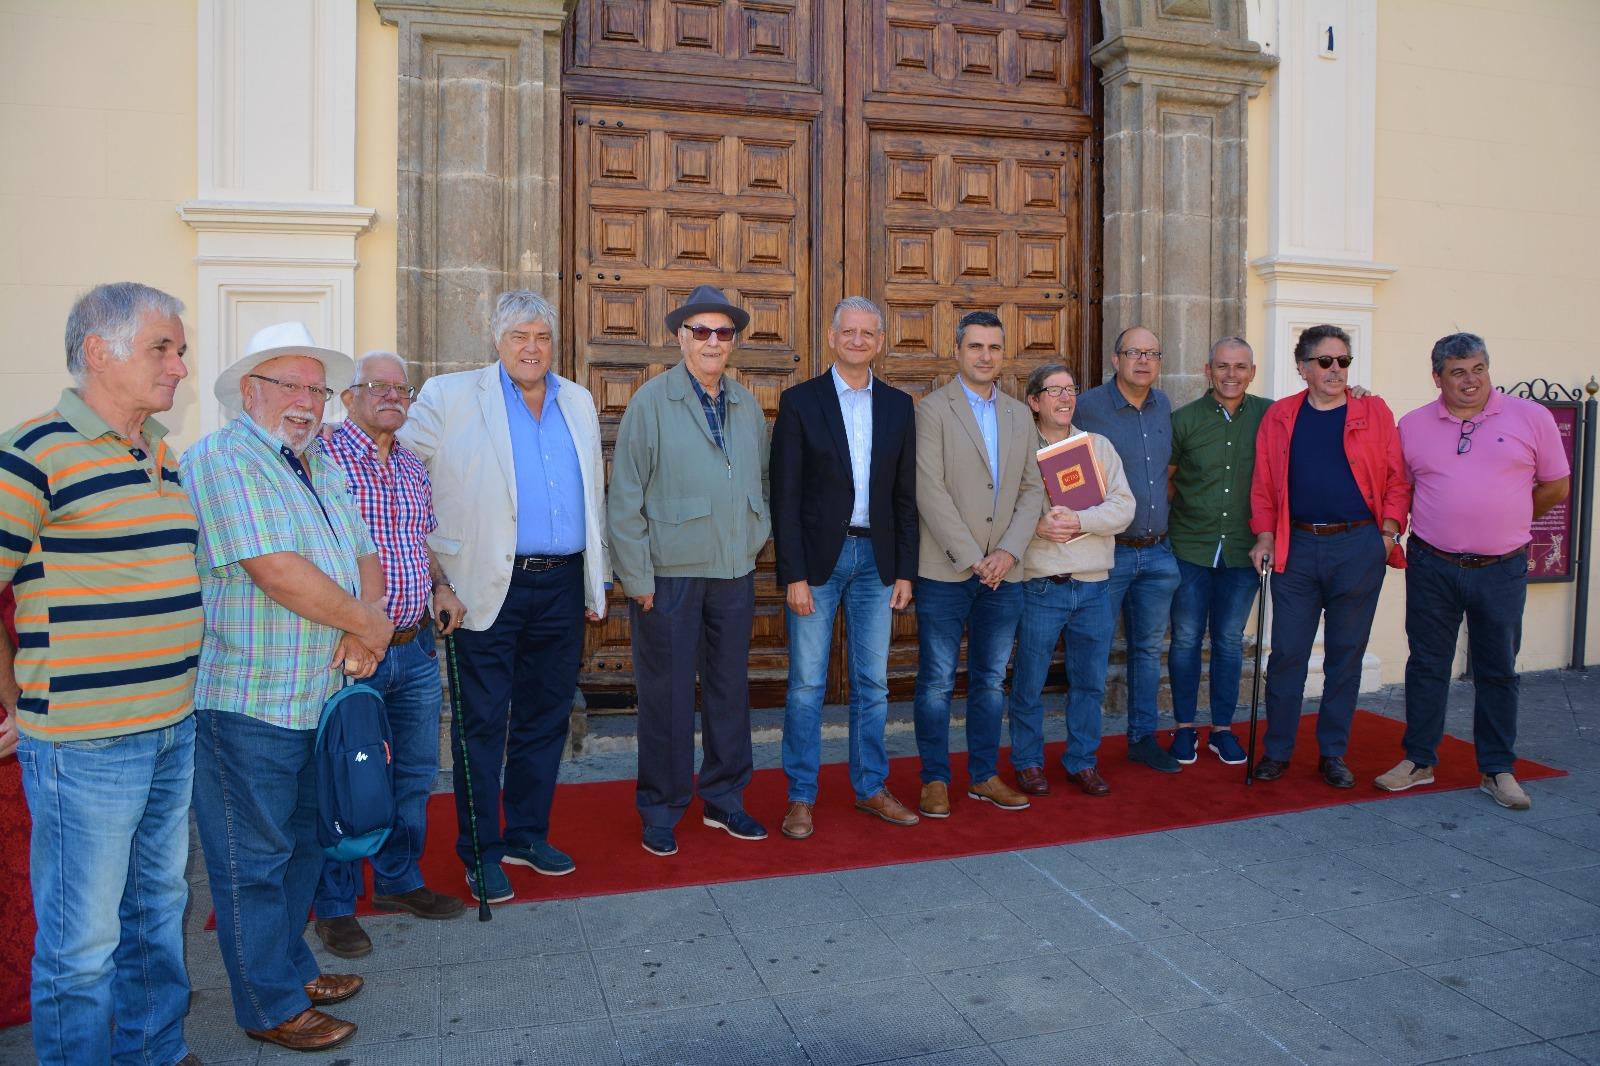 Las Fiestas de San Juan en La Orotava fueron un 'movimiento social' y ahora se conmemora su 40 aniversario